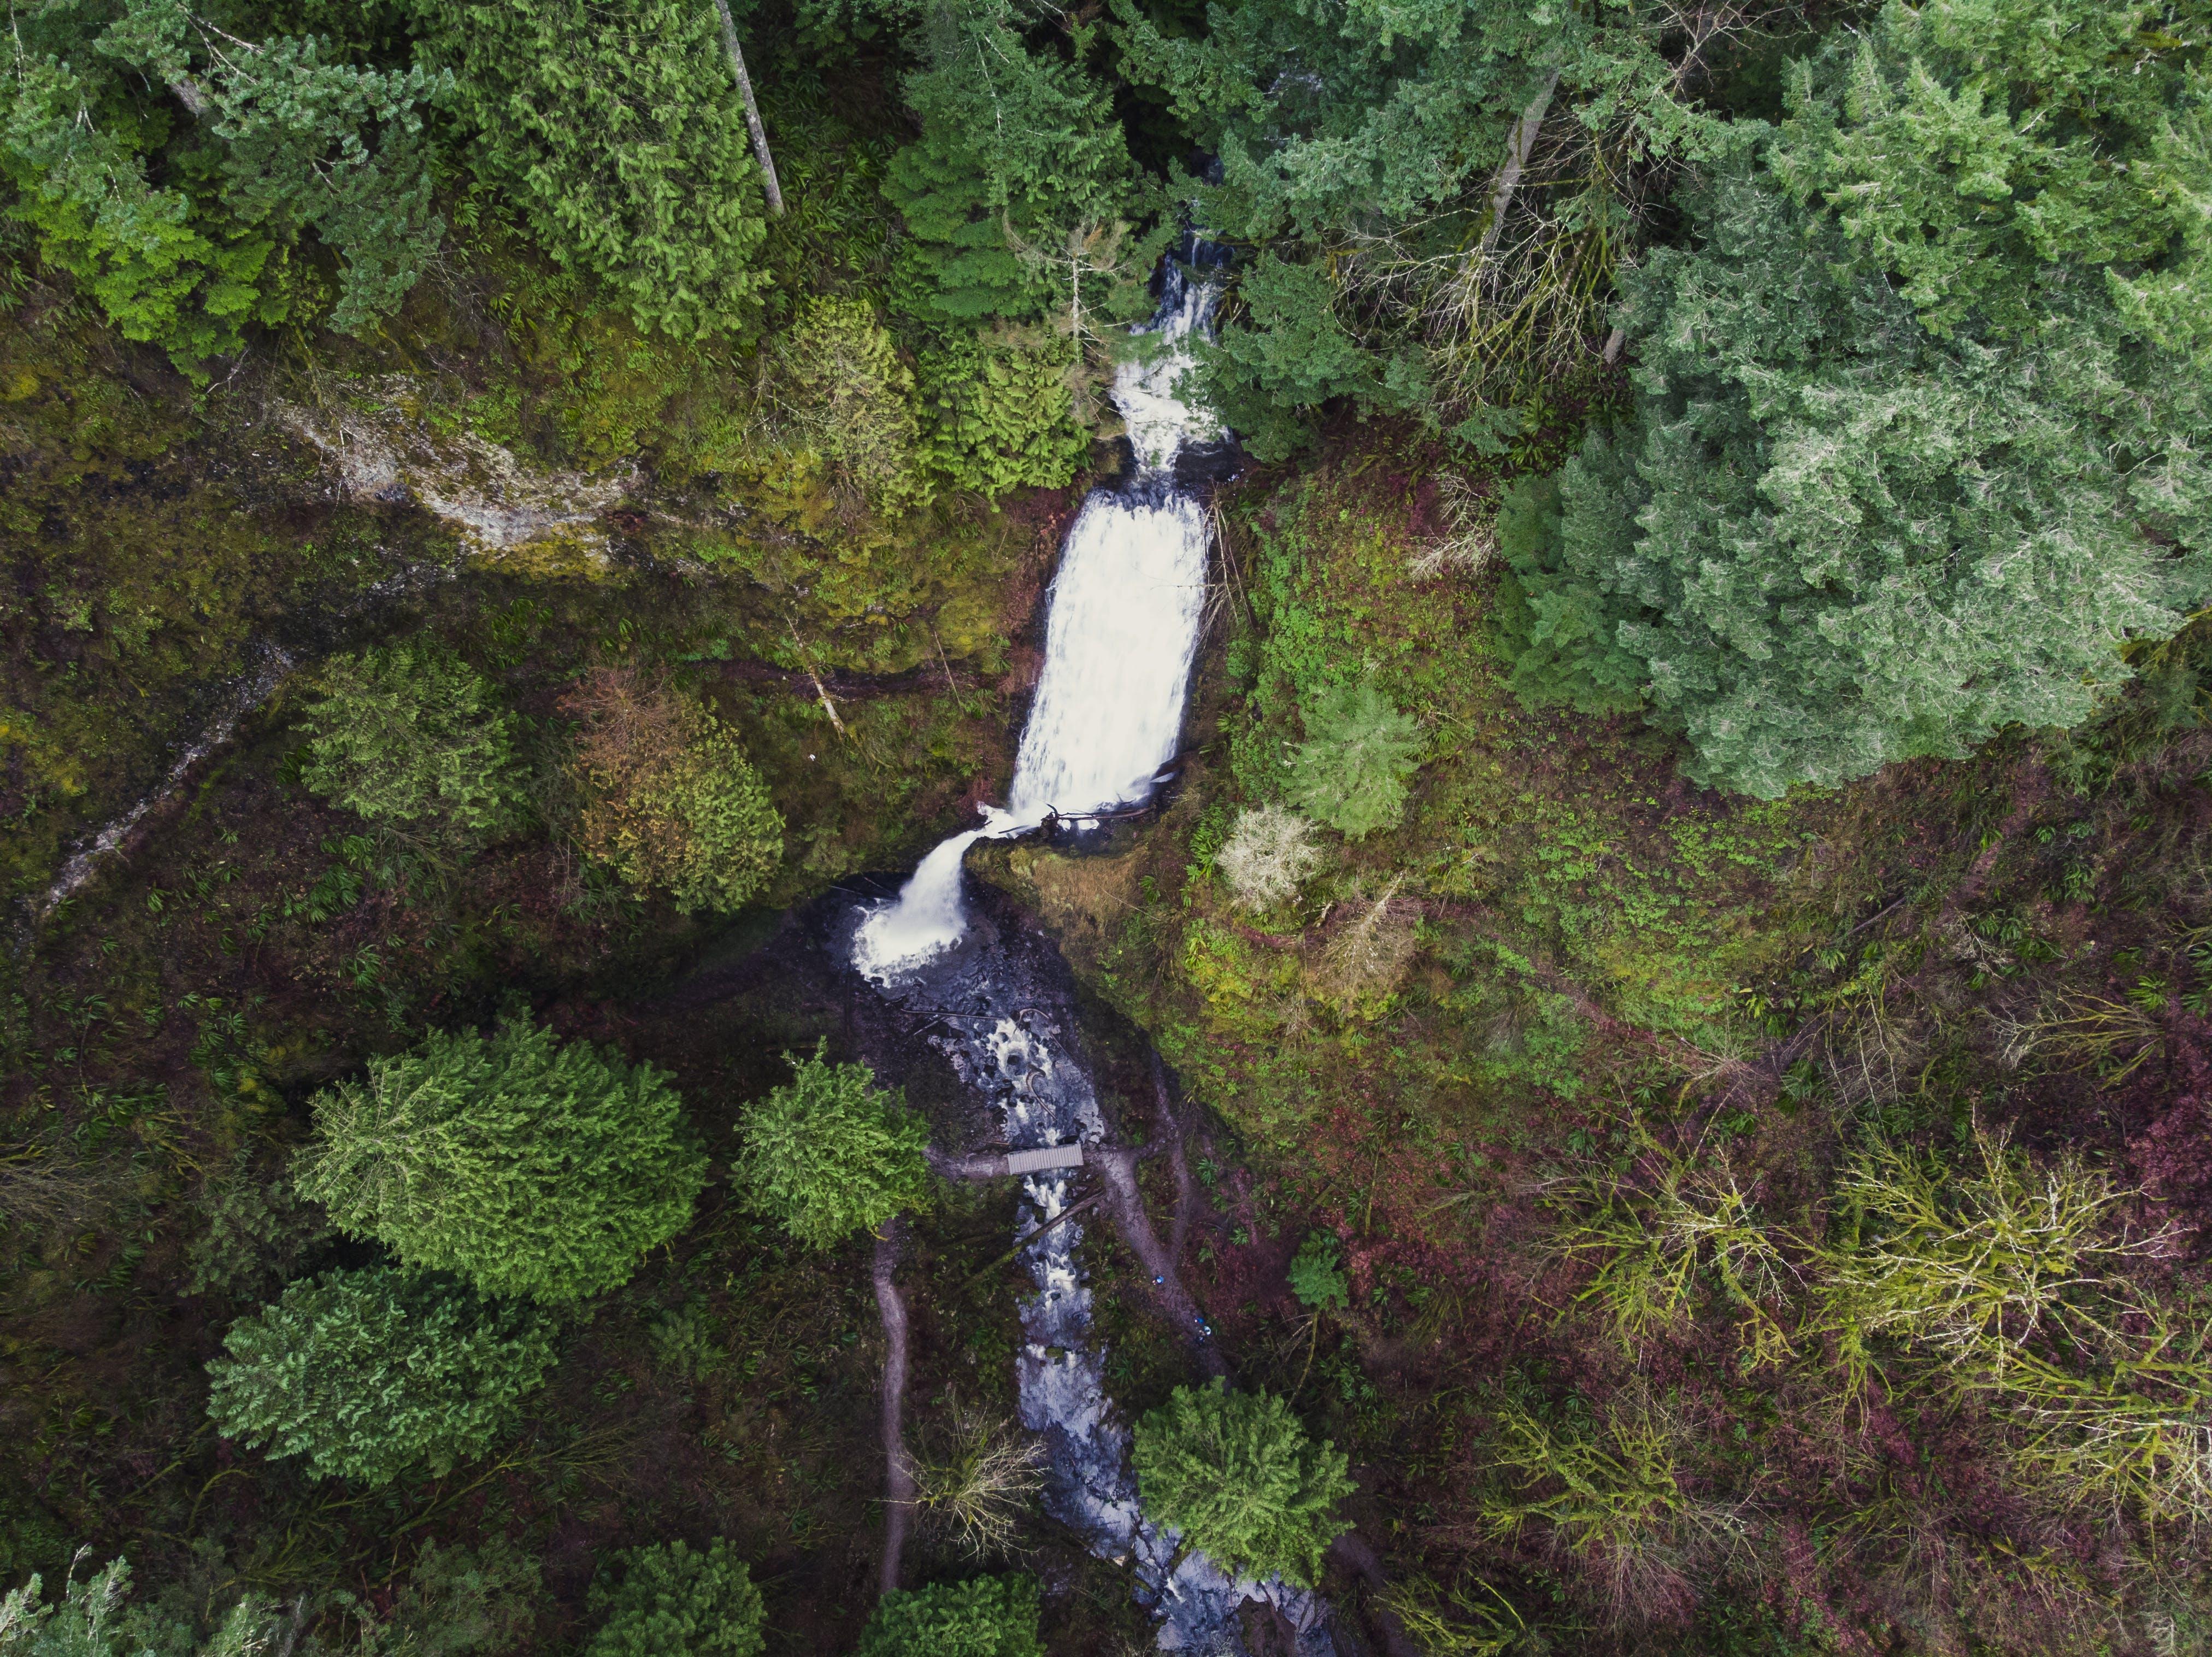 俄勒岡州, 森林, 樹木, 水 的 免费素材照片